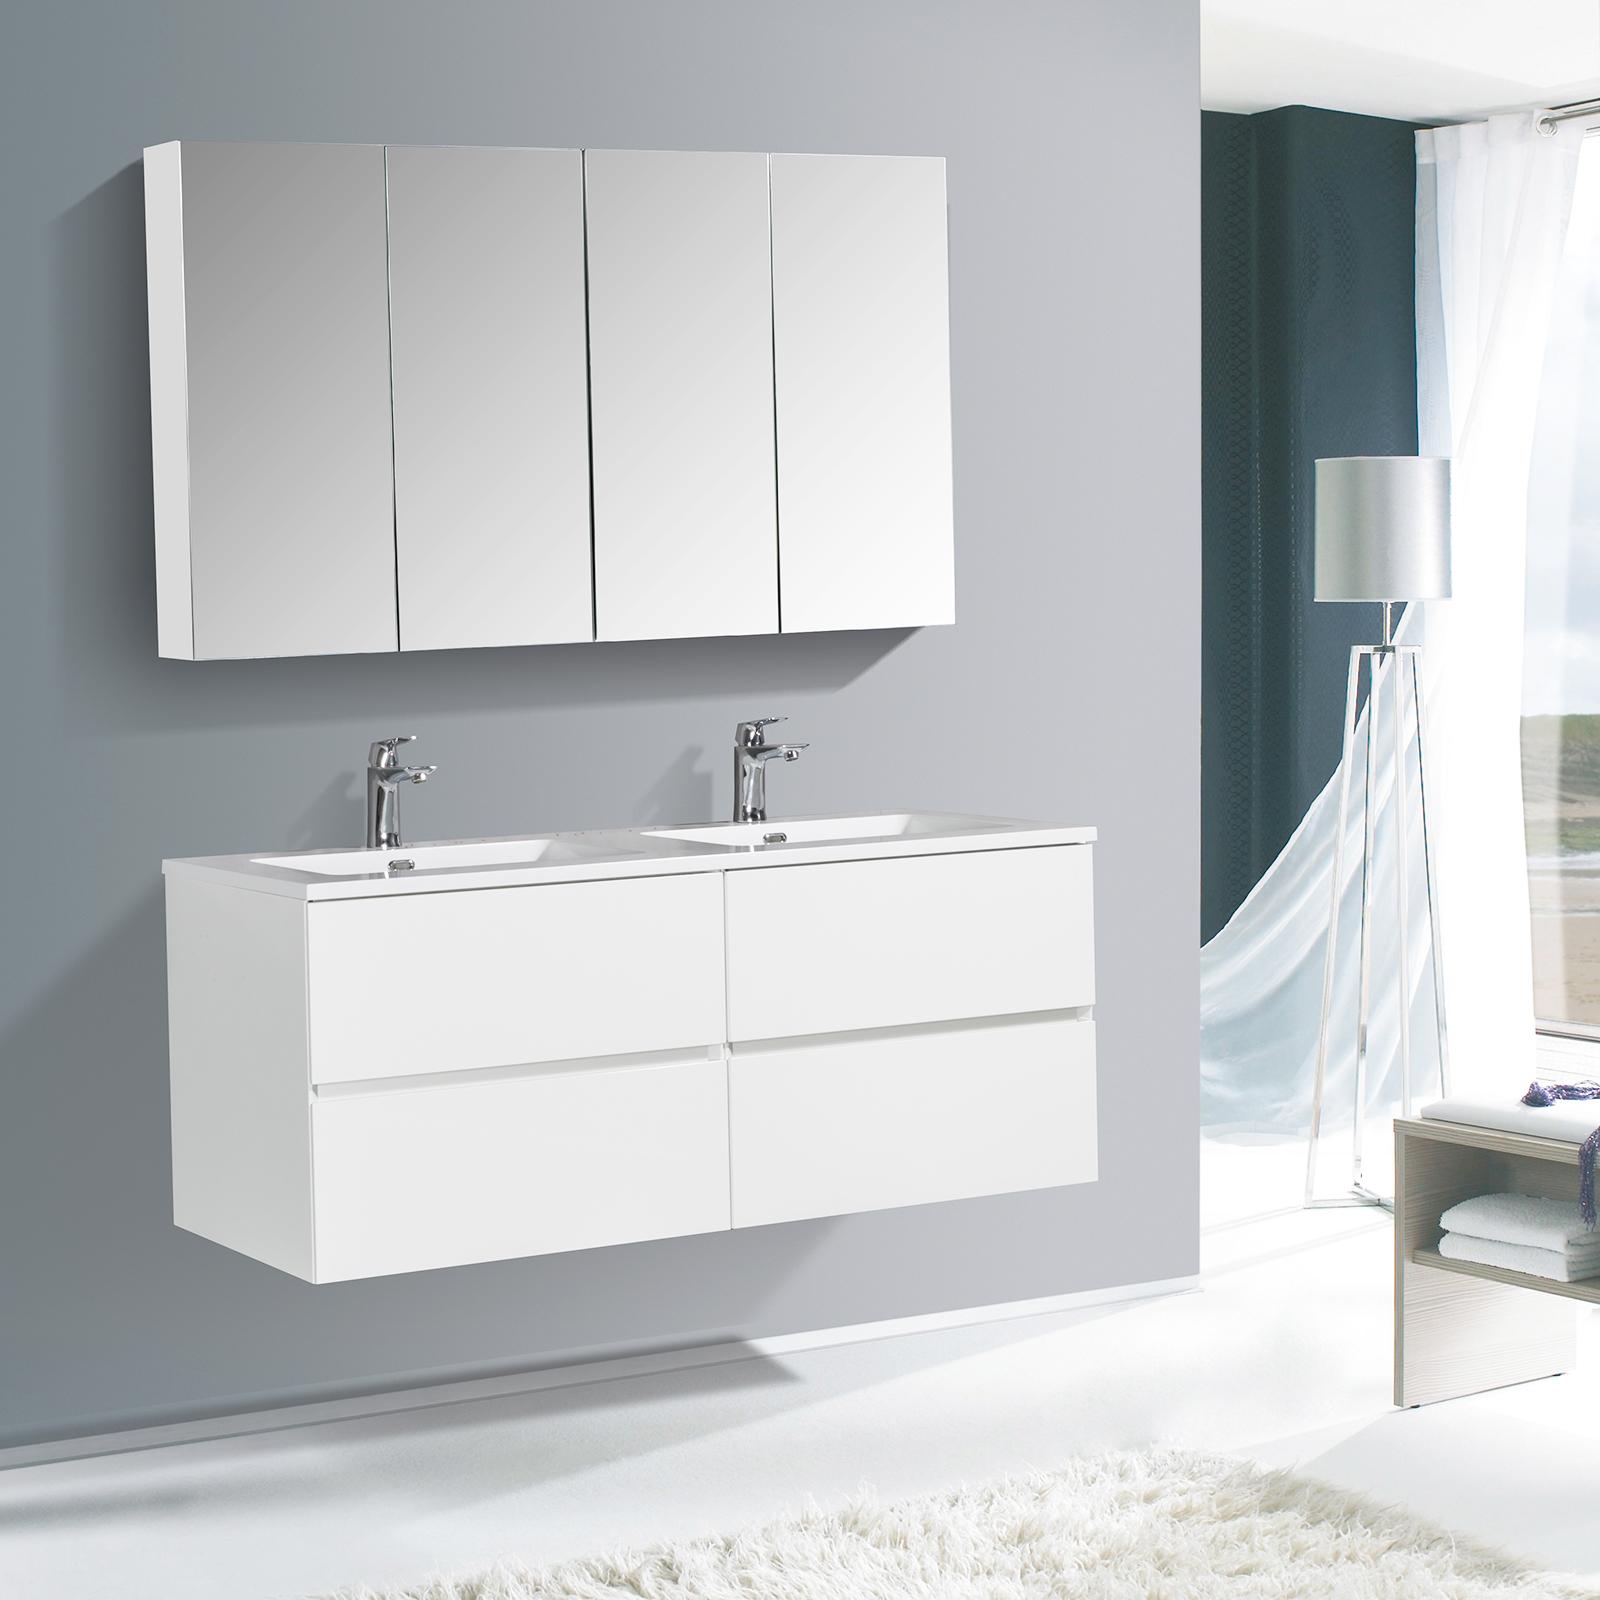 Badmöbel-Set EDGE 1300 - Farbe wählbar - Spiegel & Seitenschrank optional